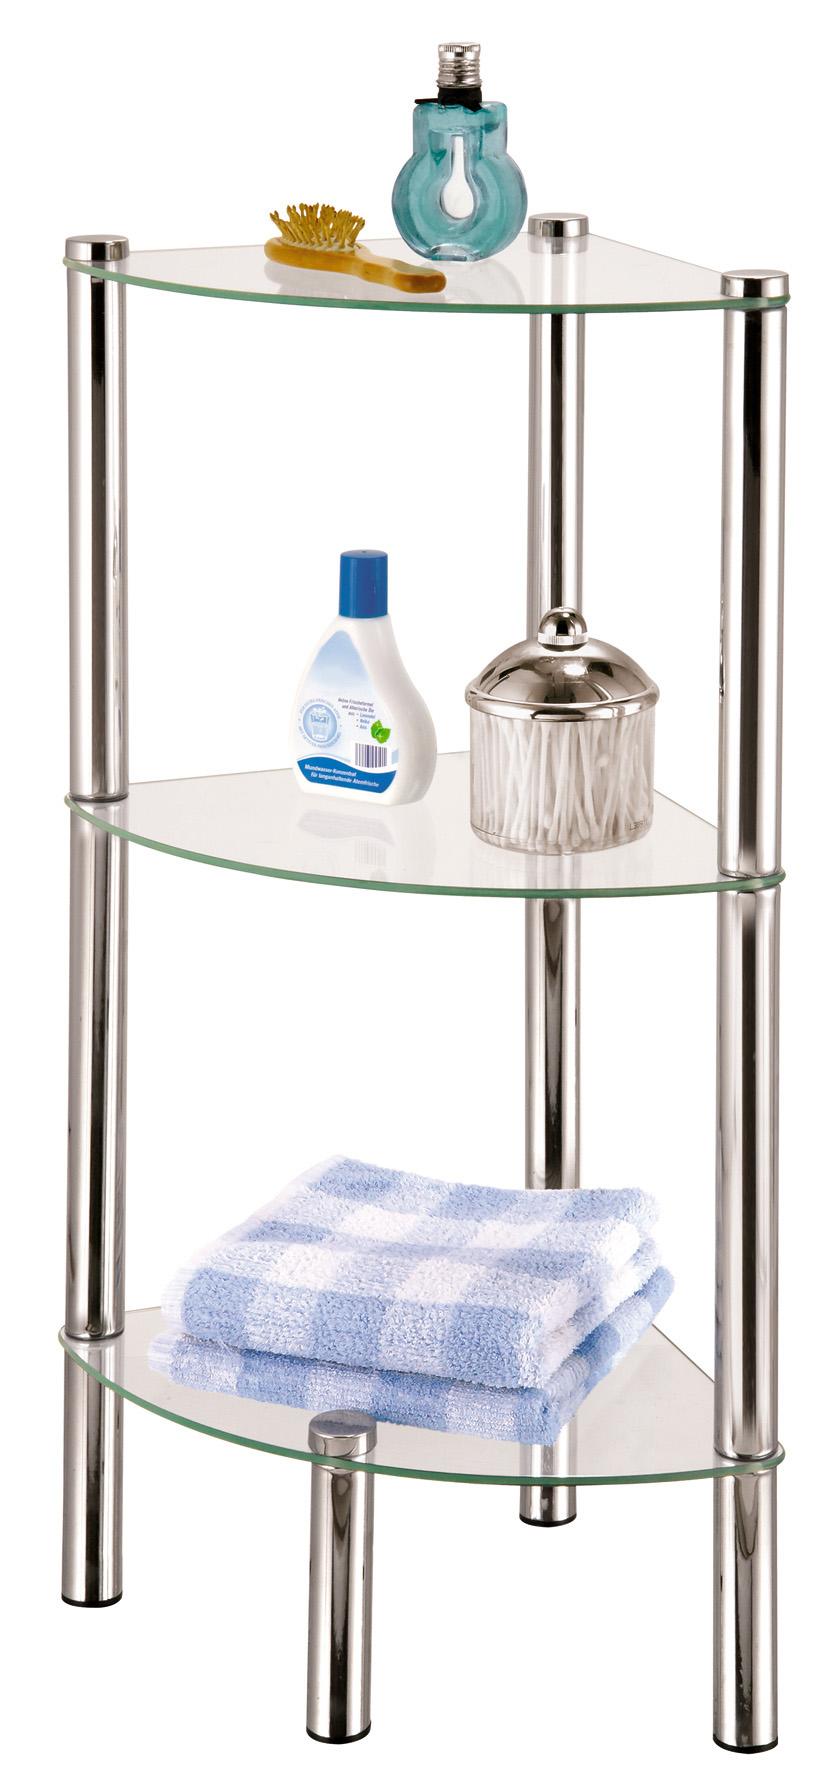 Стойка для ванной Axentia, 3-ярусная, угловая391602Стойка Axentia с 3 стеклянными полками выполнена из стали и предназначена для хранения различных предметов в ванной комнате.Очень удобная и компактная, но в тоже время вместительная, она прекрасно впишется в пространство ванной.